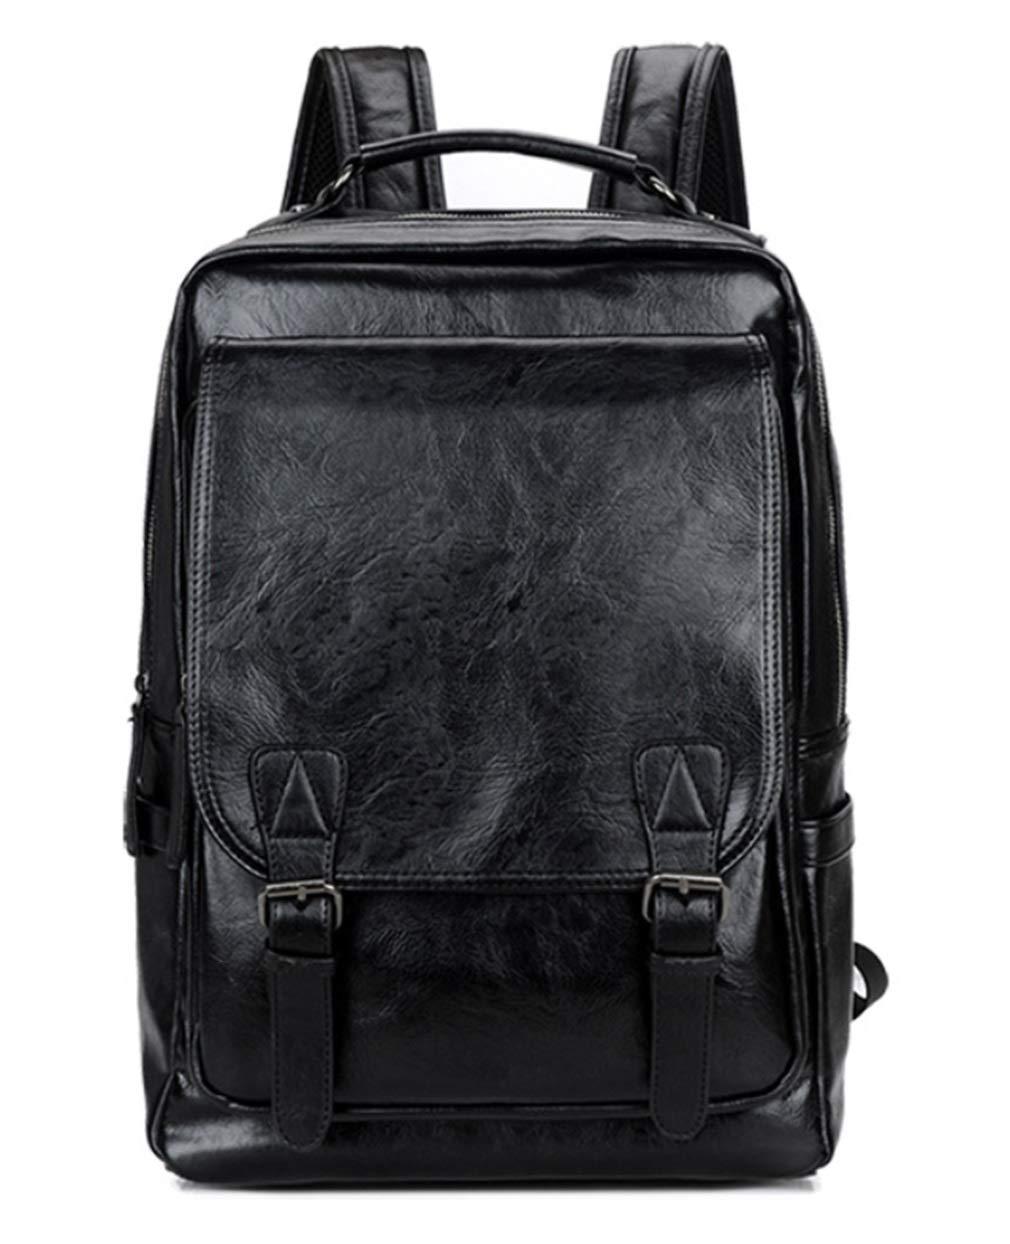 RSQJ Men Fashion Retro Locomotive Shoulders Leisure Bag Student Bag (Size : 291440cm)